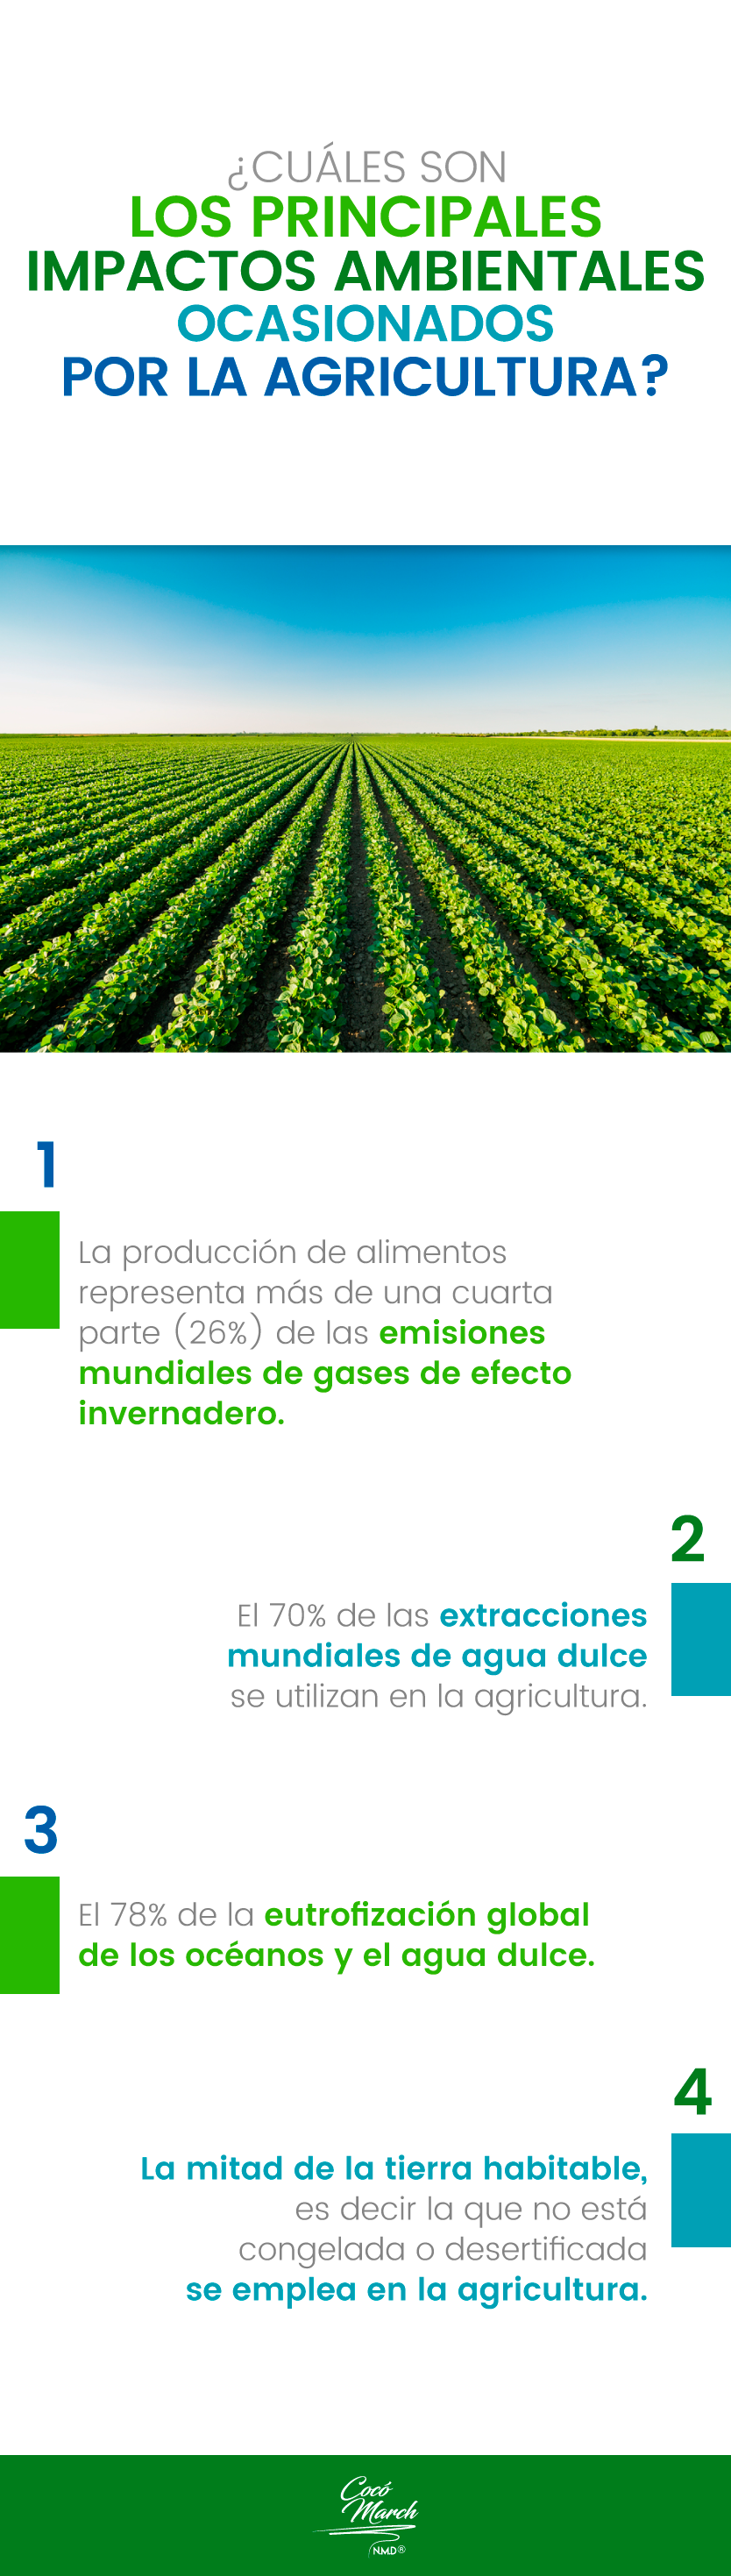 principales-impactos-ambientales-ocasionados-por-la-agricultura